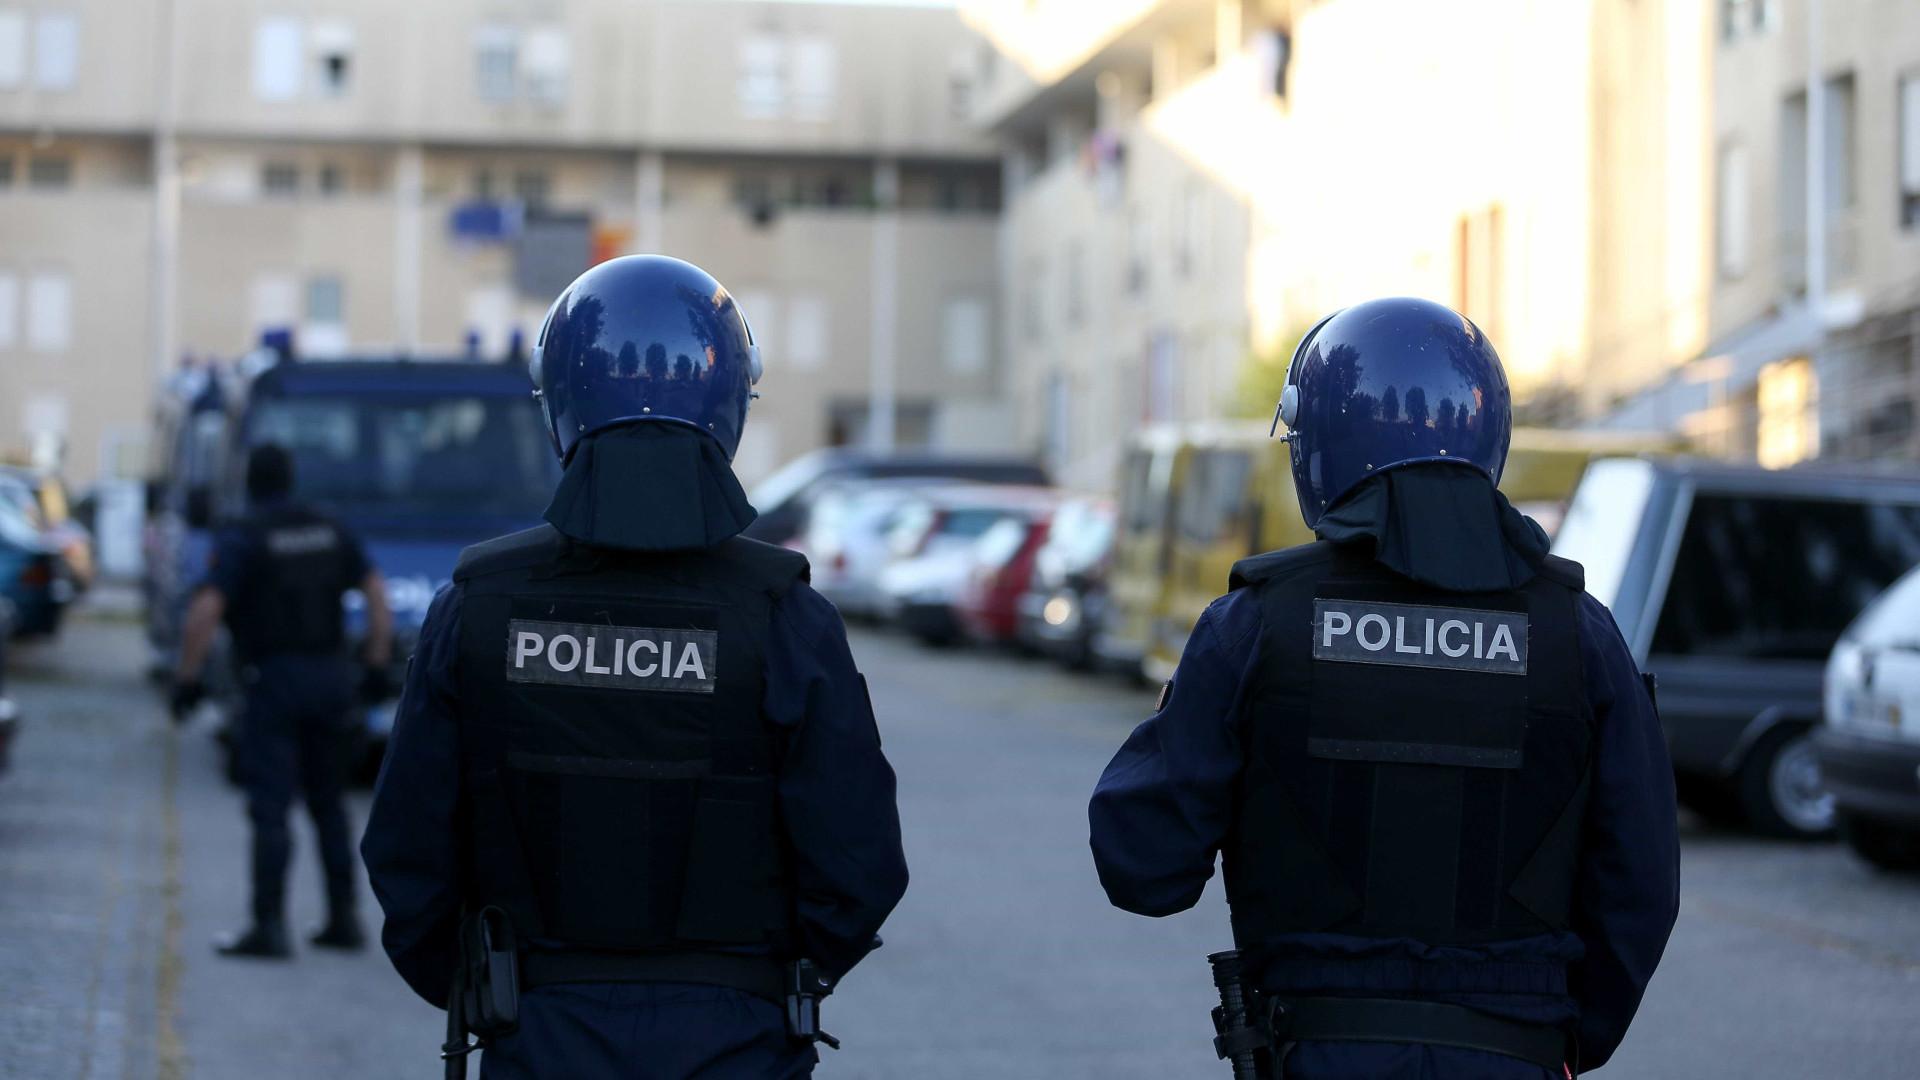 PSP fez 22 detenções e interveio na bancada para minimizar riscos